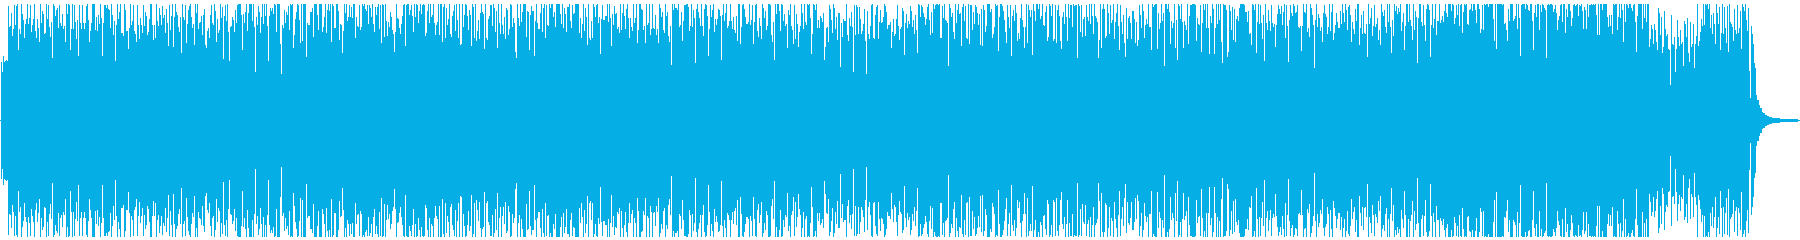 ピアノのハイテンポなジャズの再生済みの波形